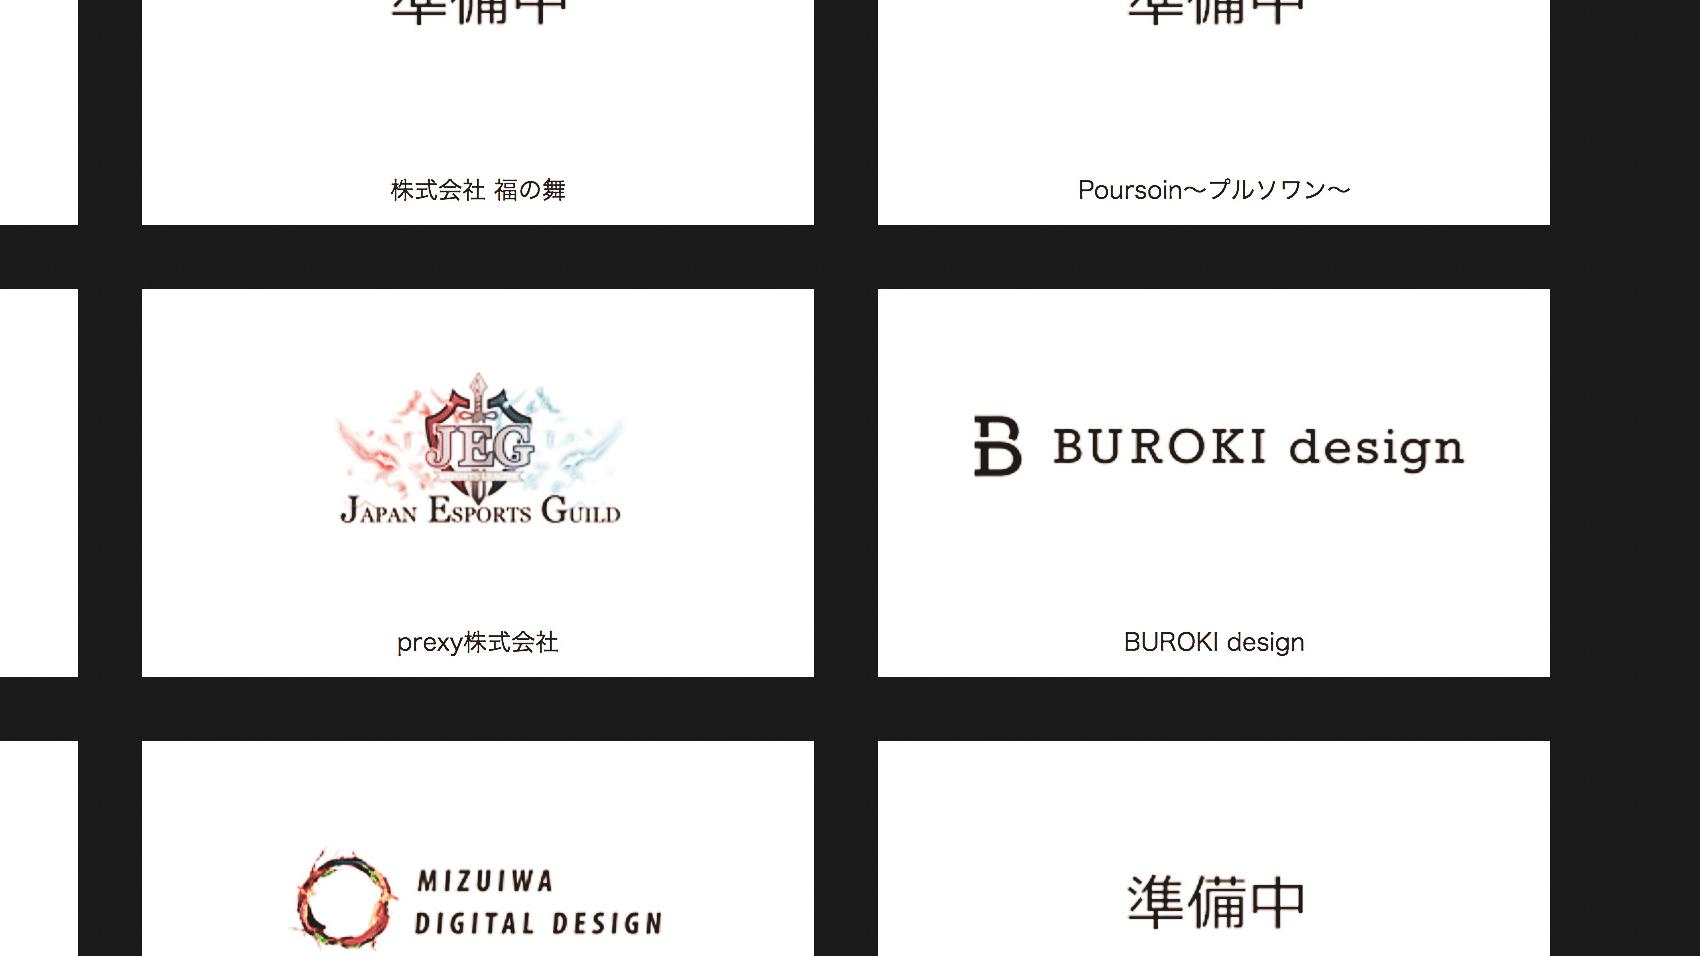 協賛企業に掲載されているBUROKI designロゴ